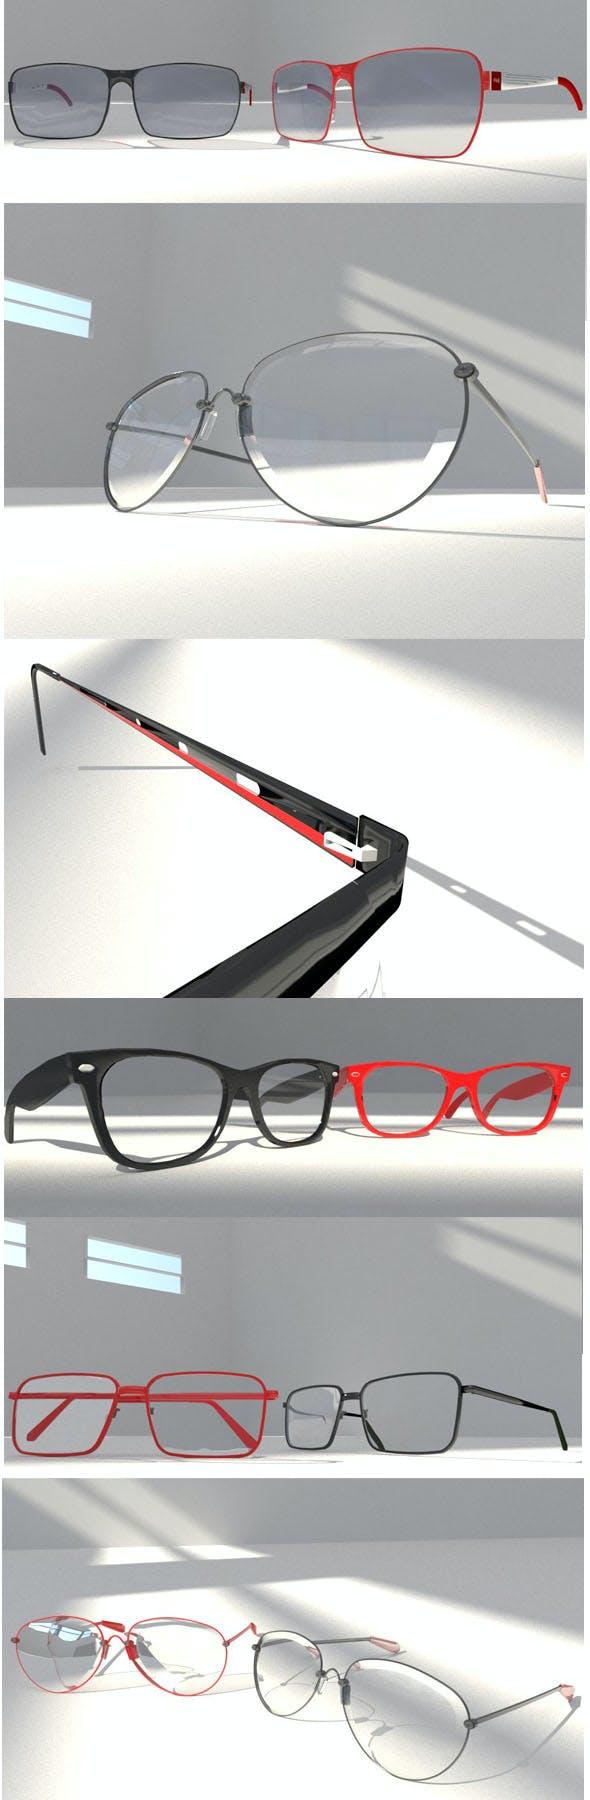 10 EYE glasses package - 3DOcean Item for Sale